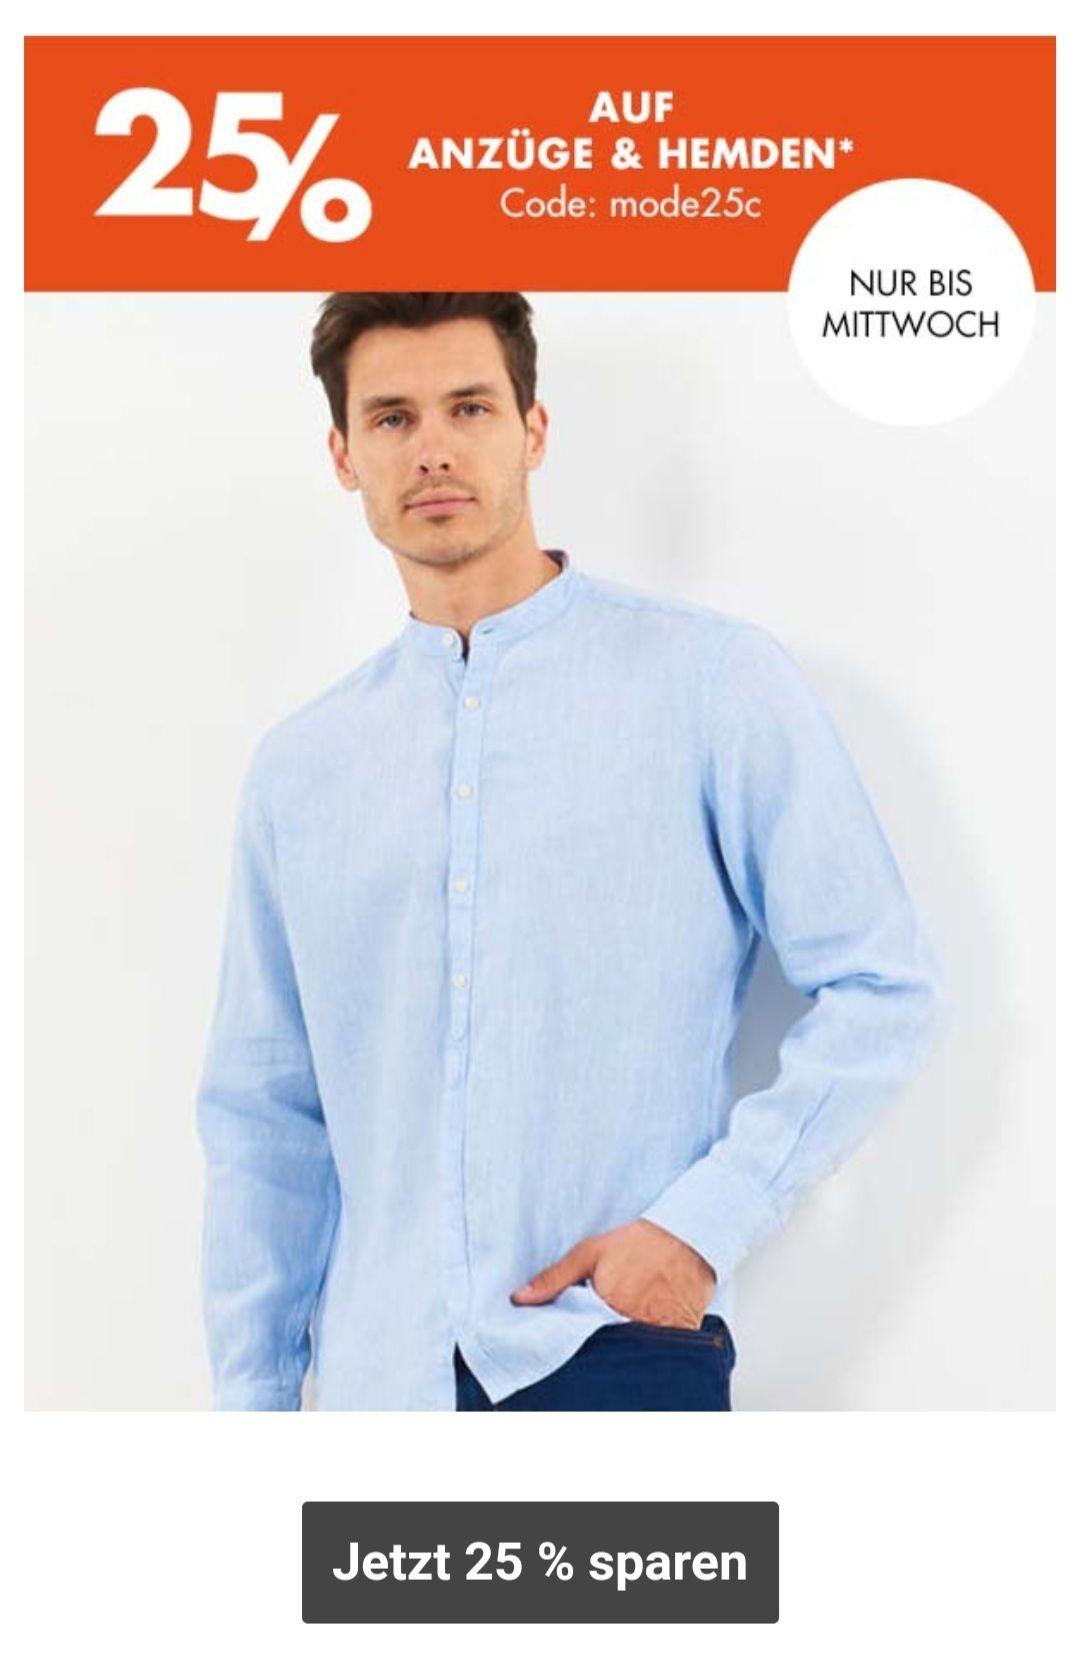 Galeria 25% Anzüge, Hemden und Damenblusen und 30% auf Uhren und Schmuck bis 12.05